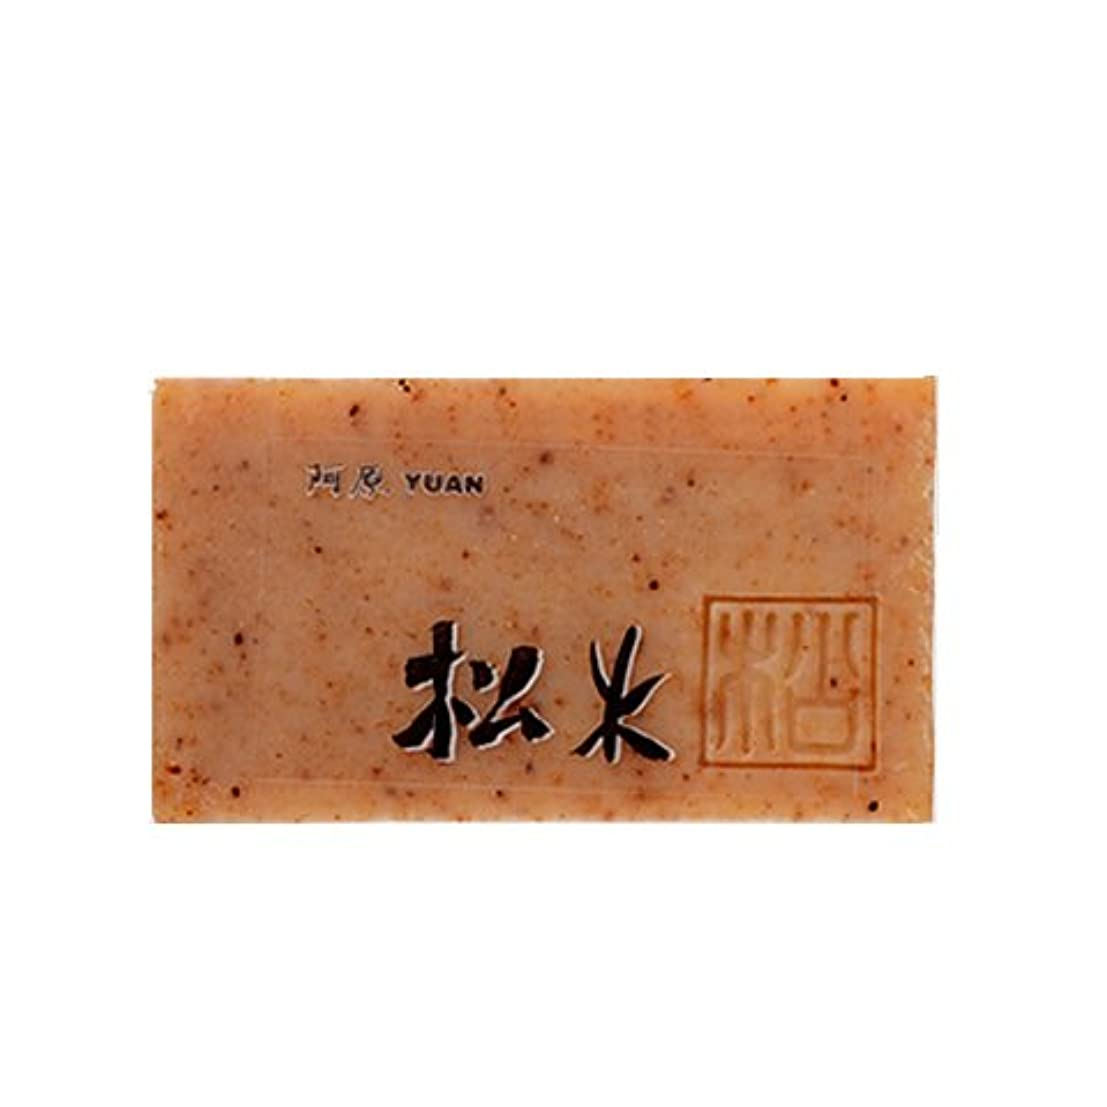 義務マインドフルインターネットユアン(YUAN) ユアンソープ 松木(まつのき)ソープ 100g (阿原 石けん 台湾コスメ)